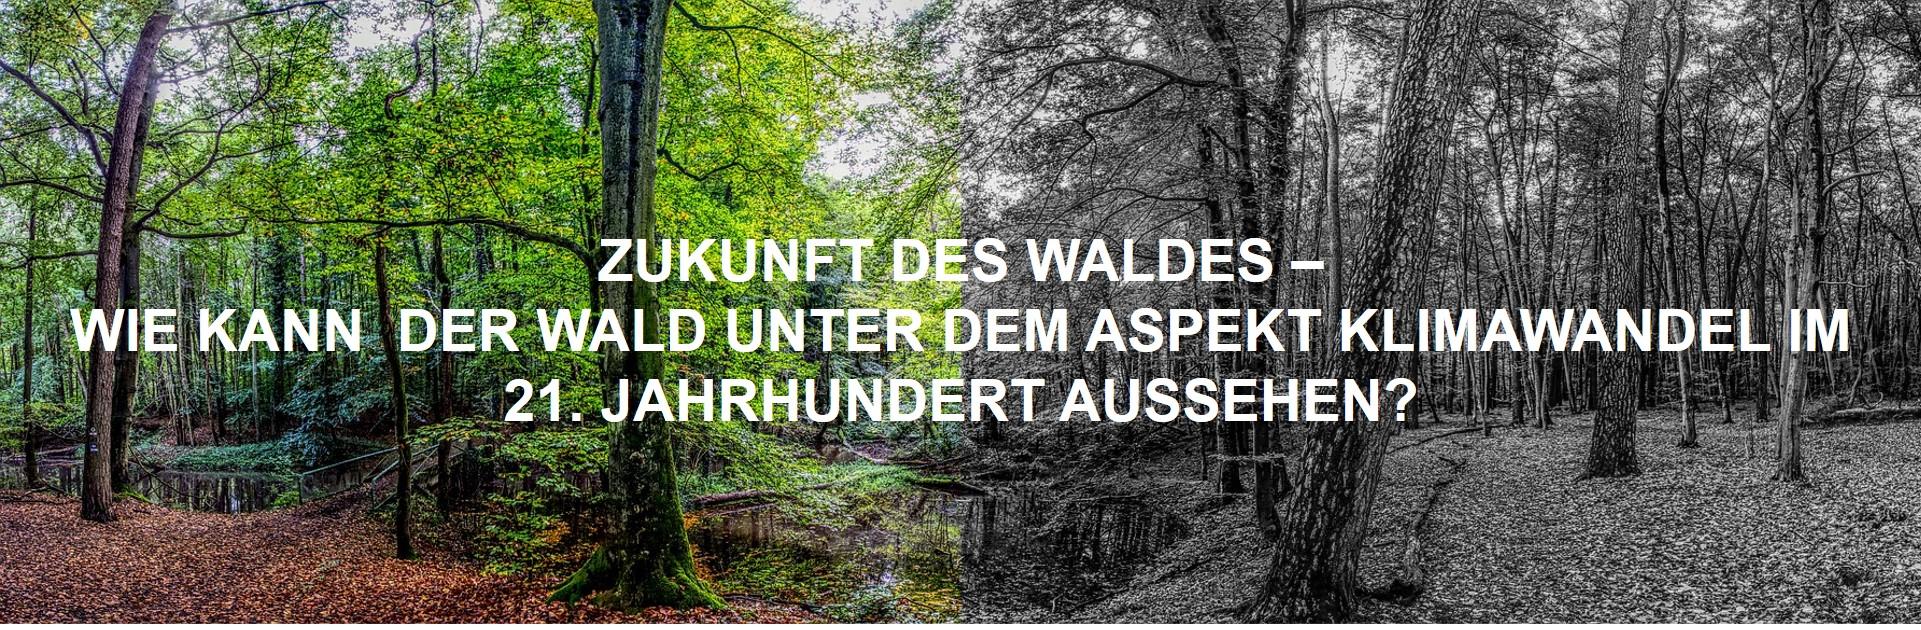 """""""Zukunft des Waldes - Wie kann der Wald unter dem Aspekt Klimawandel im 21. Jahrhundert aussehen?"""""""